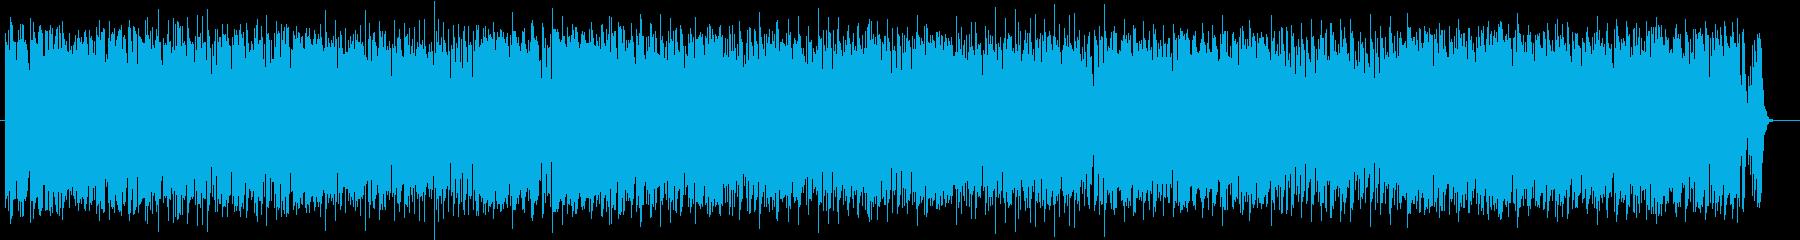 エネルギッシュで爽快なロックの再生済みの波形